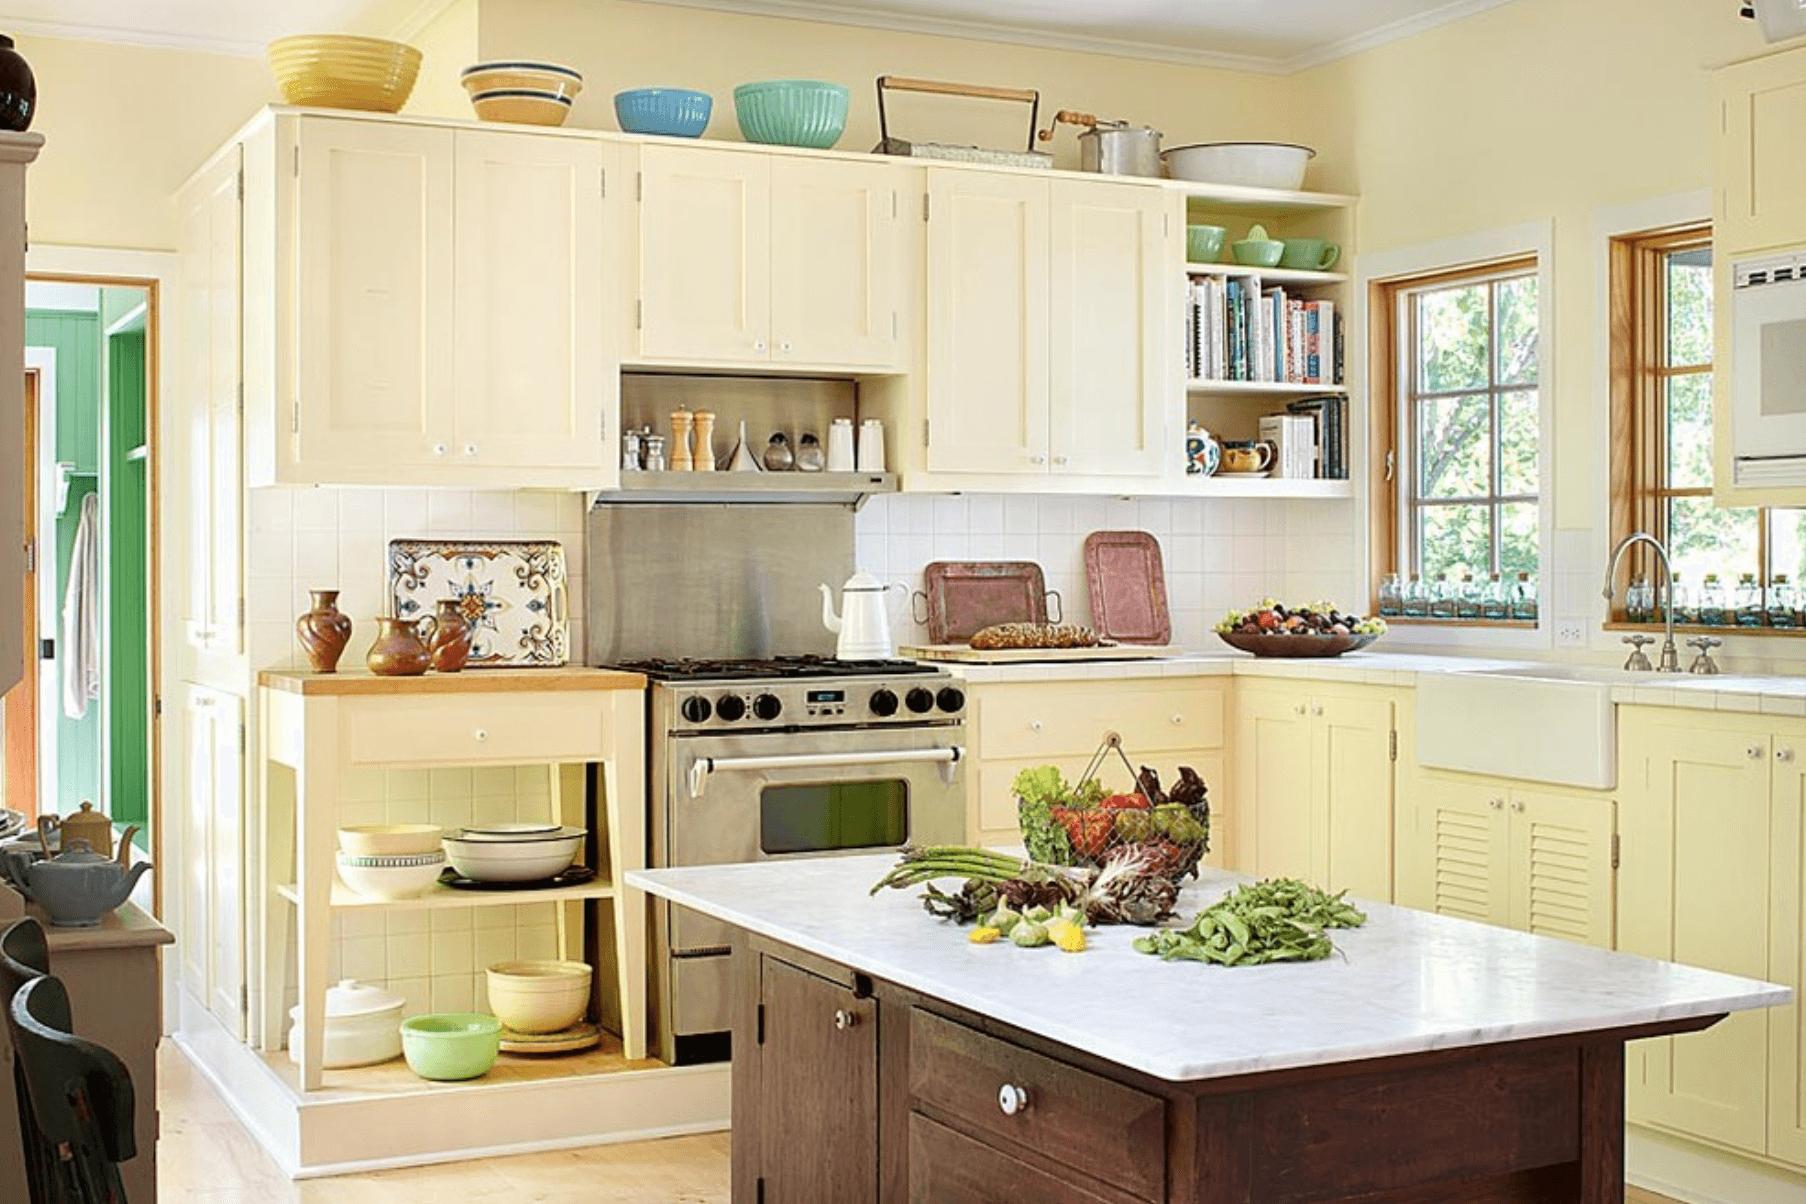 Gelbe fliesen bad ideen  atemberaubenden moderne küche farbschemata ideen bild